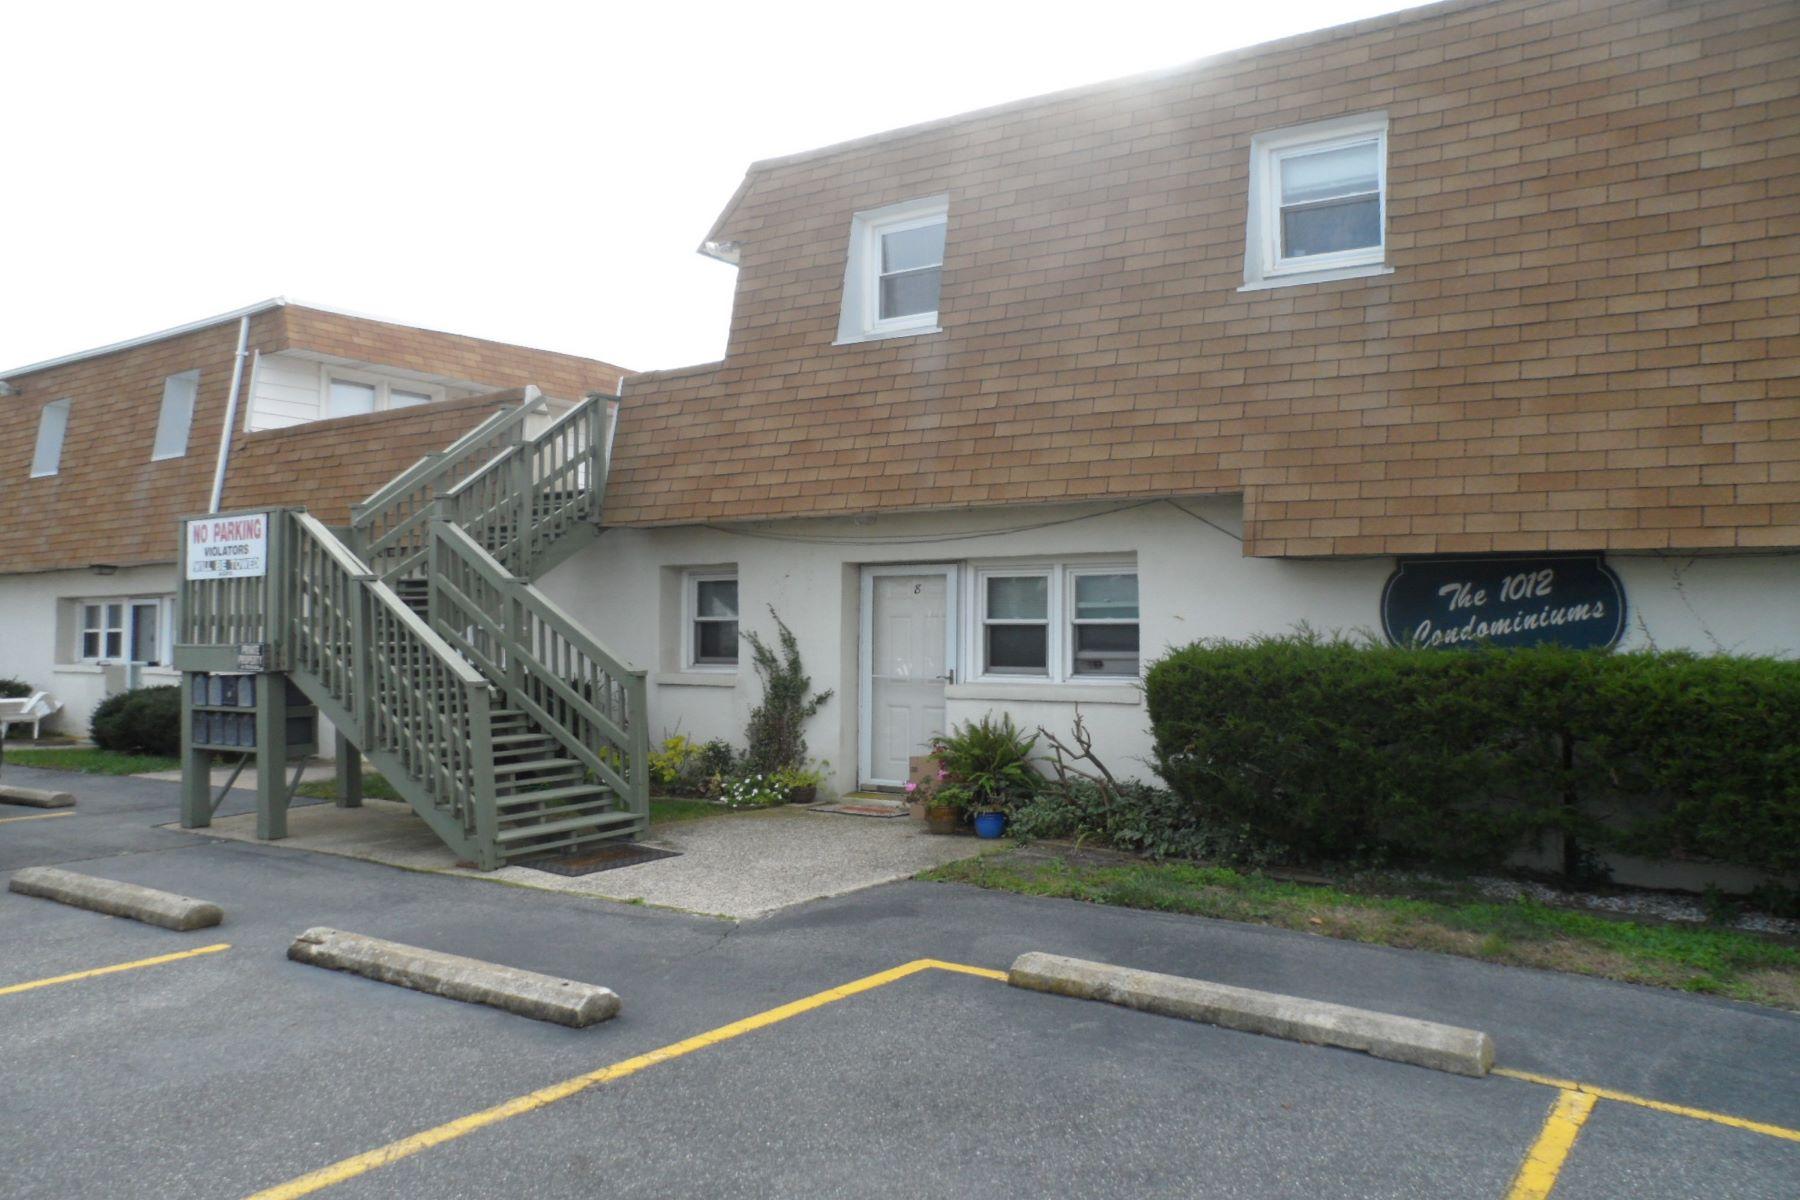 Condominium for Sale at 1012 W Brigantine Ave 1012 W Brigantine Ave #1, Brigantine, New Jersey 08203 United States